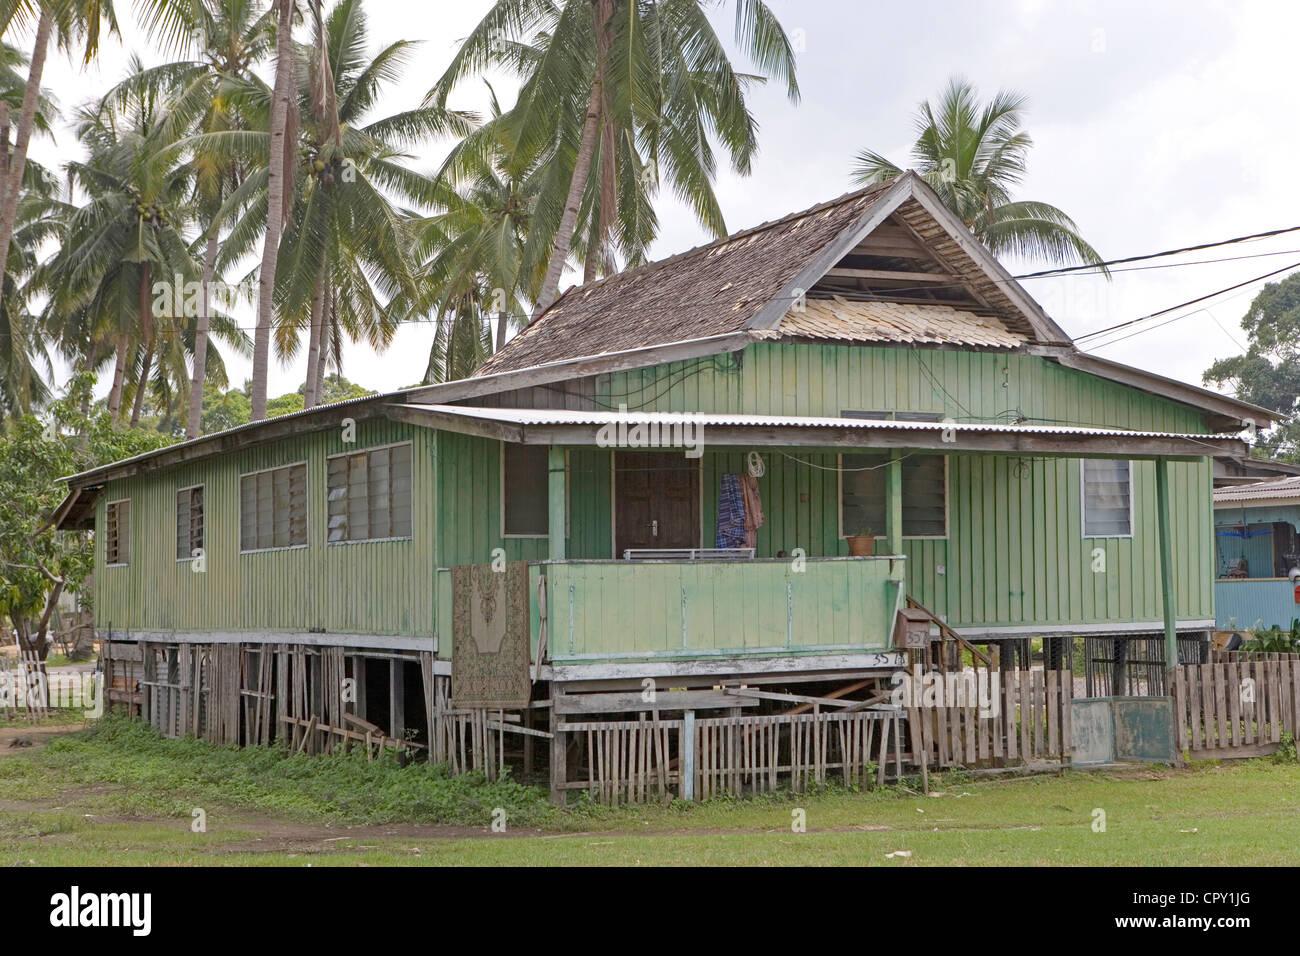 Malaysia, Kuala Terengganu, seahouse - Stock Image